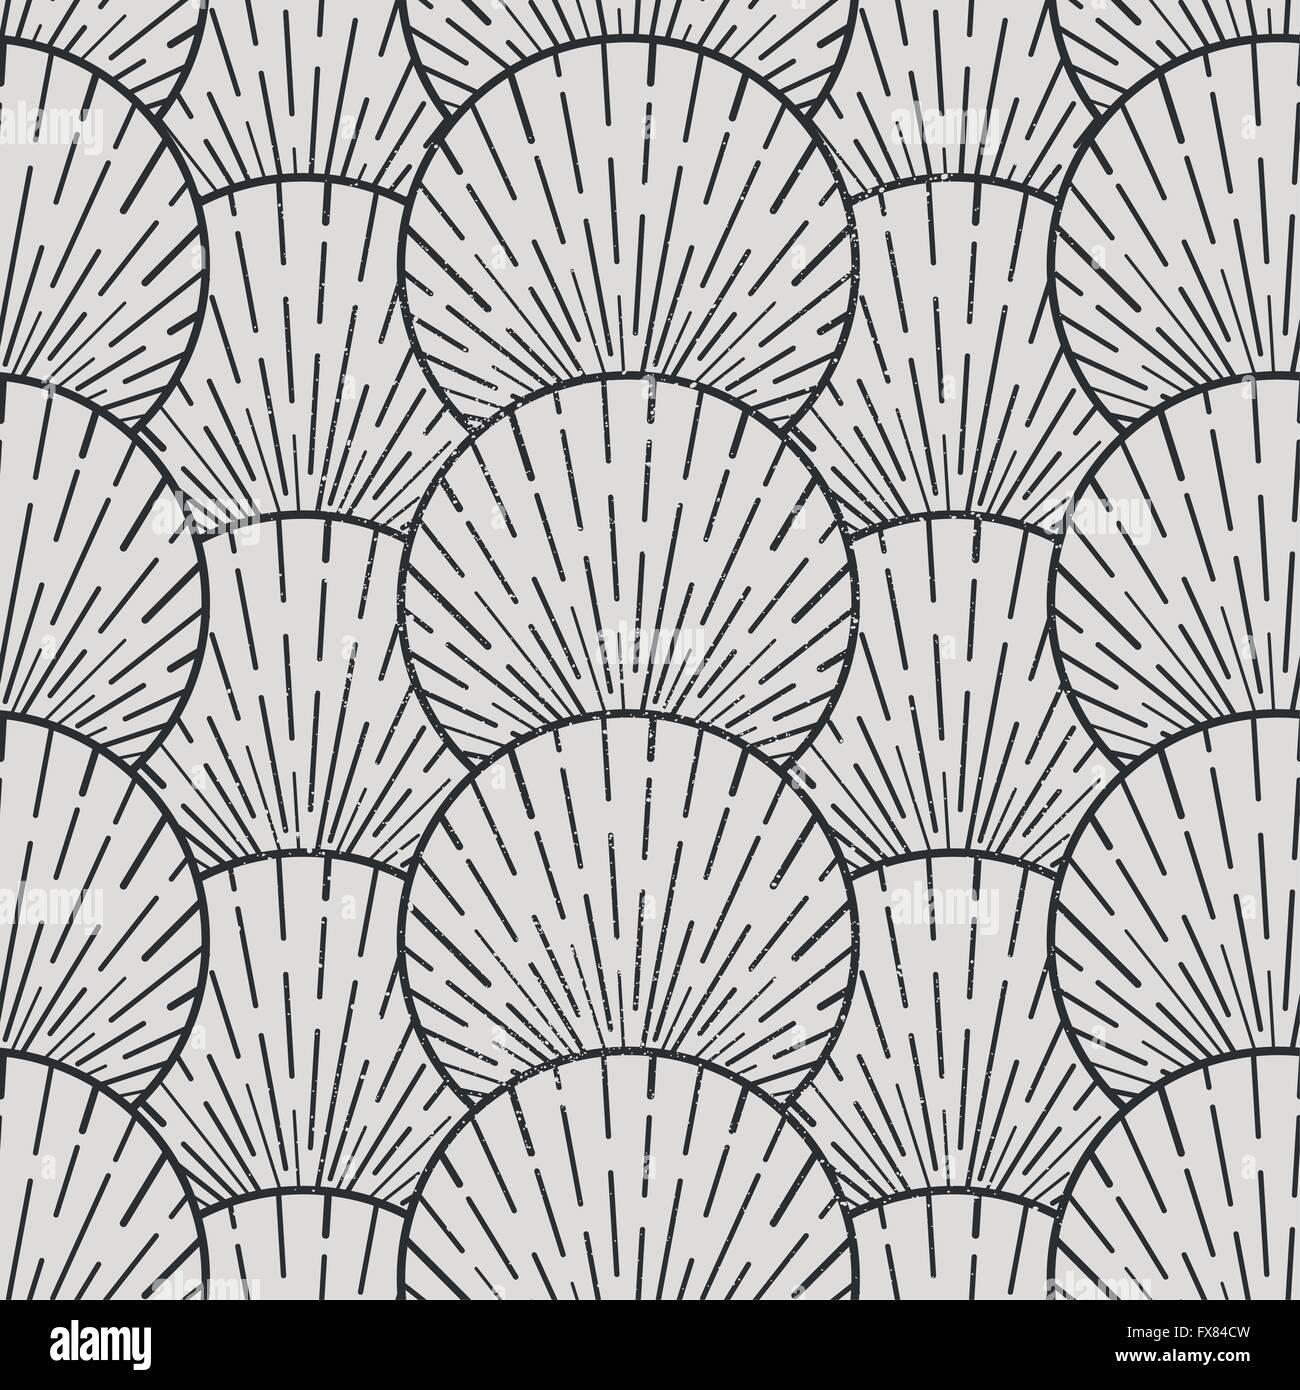 Vettore di Seamless Pattern. Seamless disegno geometrico, illustrazione vettoriale Immagini Stock